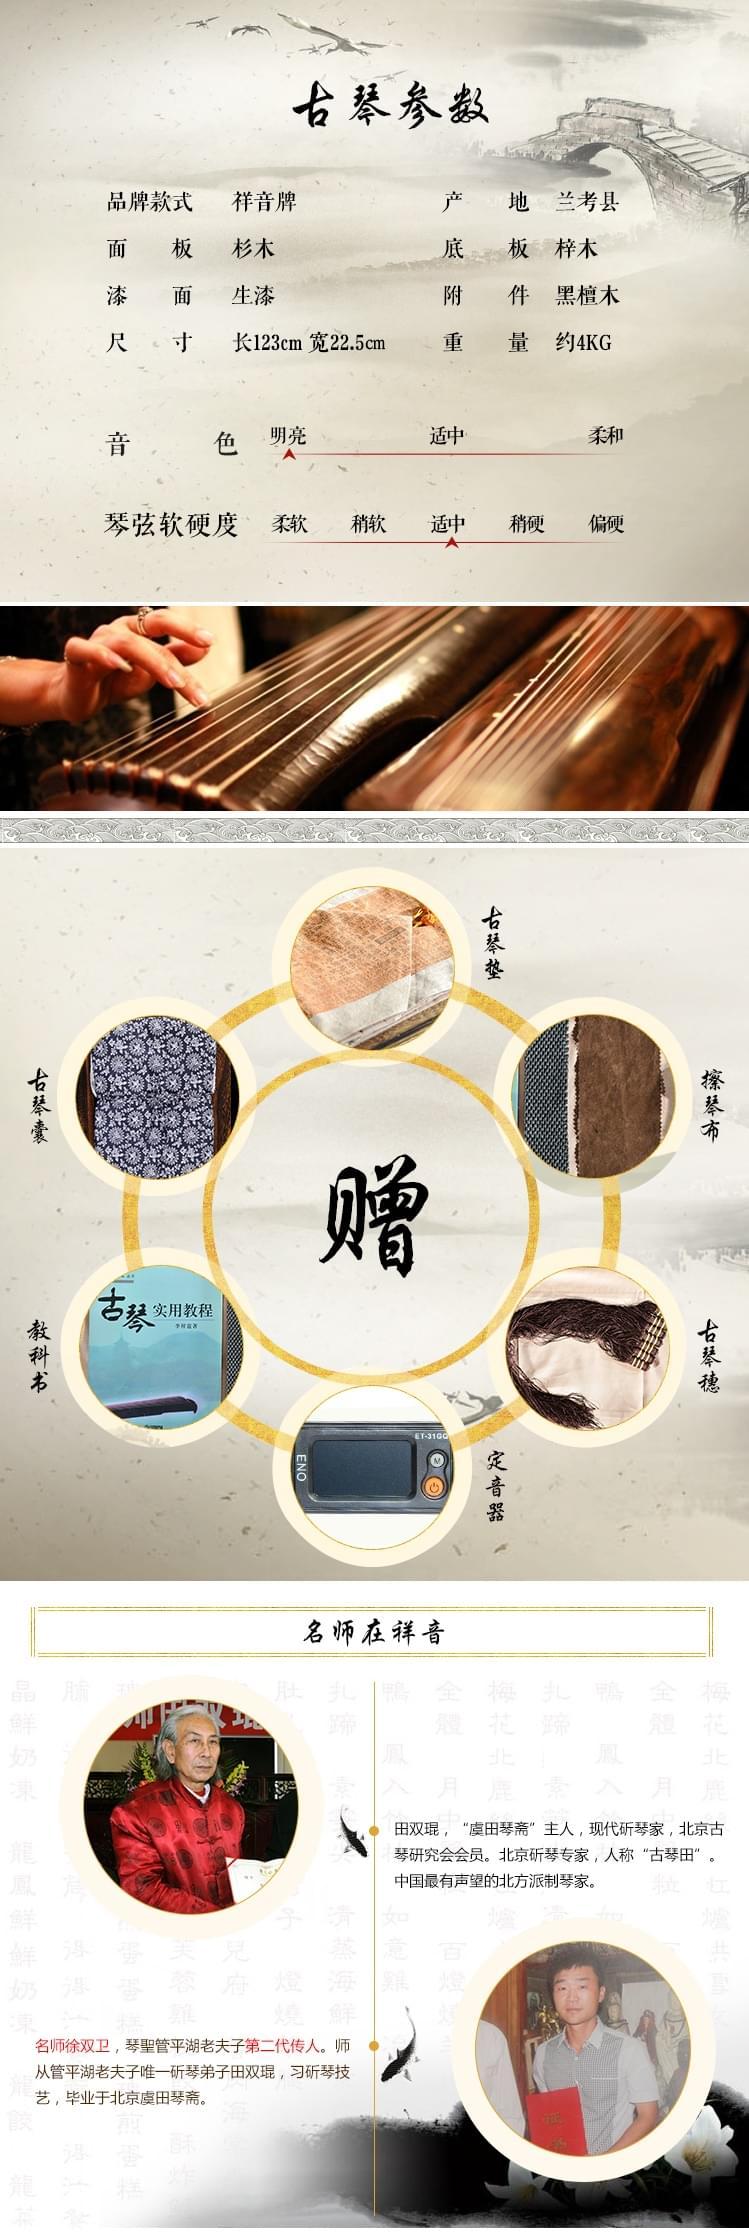 古琴淘宝详情页设计2